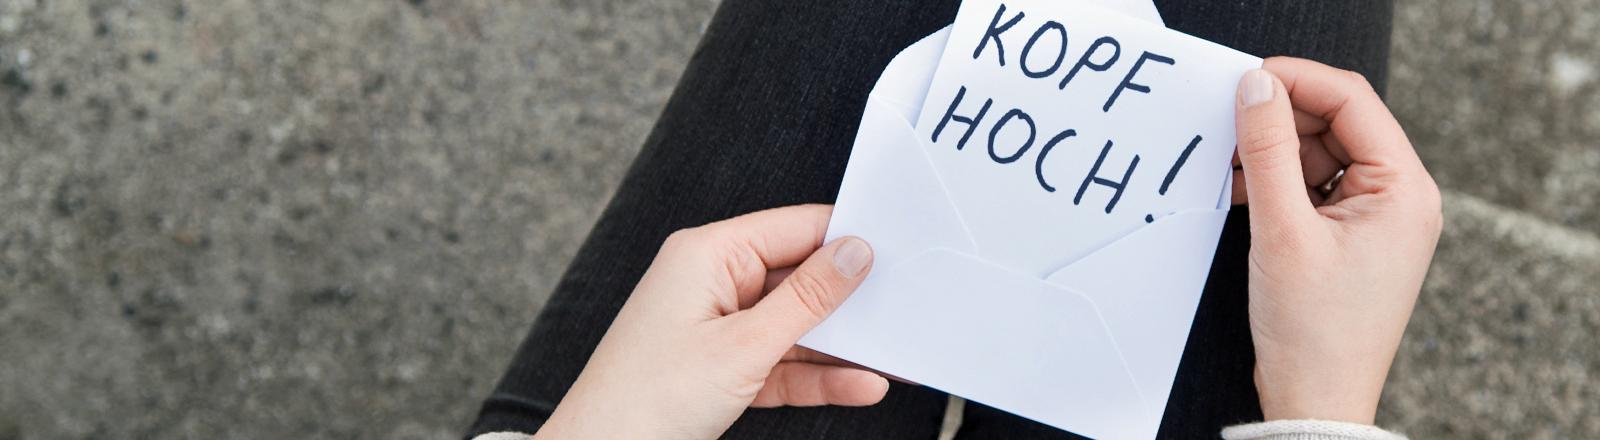 """Eine Frau hält einen Zettel in den Händen: """"Kopf hoch""""."""